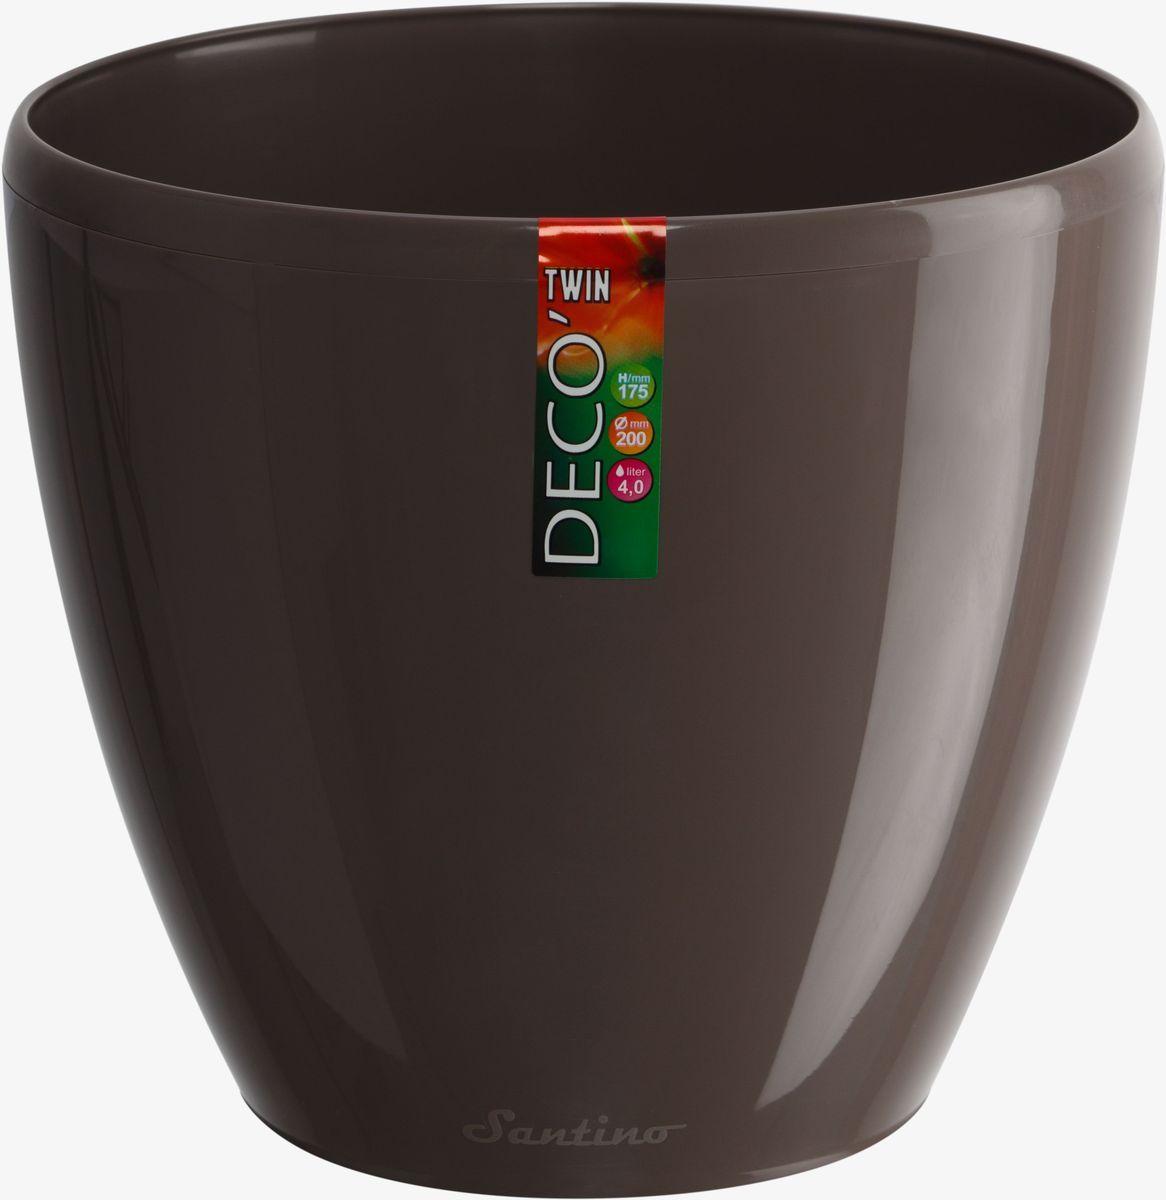 Горшок цветочный Santino Deco Twin, двойной, с системой автополива, цвет: шаде, 1,5 л531-401Горшок цветочный Santino Deco Twin снабжен дренажной системой и состоит из кашпо и вазона-вкладыша. Изготовлен из пластика. Особенность: тарелочка или блюдце не нужны. Горшок предназначен для любых растений или цветов. Цветочный дренаж – это система, которая позволяет выводить лишнюю влагу через корневую систему цветка и слой почвы. Растение – это живой организм, следовательно, ему необходимо дышать. В доступе к кислороду нуждаются все части растения: -листья; -корневая система. Если цветовод по какой-либо причине зальет цветок водой, то она буквально вытеснит из почвенного слоя все пузырьки кислорода. Анаэробная среда способствует развитию различного рода бактерий. Безвоздушная среда приводит к загниванию корневой системы, цветок в результате увядает. Суть работы дренажной системы заключается в том, чтобы осуществлять отвод лишней влаги от растения и давать возможность корневой системе дышать без проблем. Следовательно, каждому цветку необходимо: -иметь в основании цветочного горшочка хотя бы одно небольшое дренажное отверстие. Оно необходимо для того, чтобы через него выходила лишняя вода, плюс ко всему это отверстие дает возможность циркулировать воздух. -на самом дне горшка необходимо выложить слоем в 2-5 см (зависит от вида растения) дренаж.УВАЖАЕМЫЕ КЛИЕНТЫ!Обращаем ваше внимание на тот факт, что фото изделия служит для визуального восприятия товара. Литраж и размеры, представленные на этикетке товара, могут по факту отличаться от реальных. Корректные данные в поле Размеры.